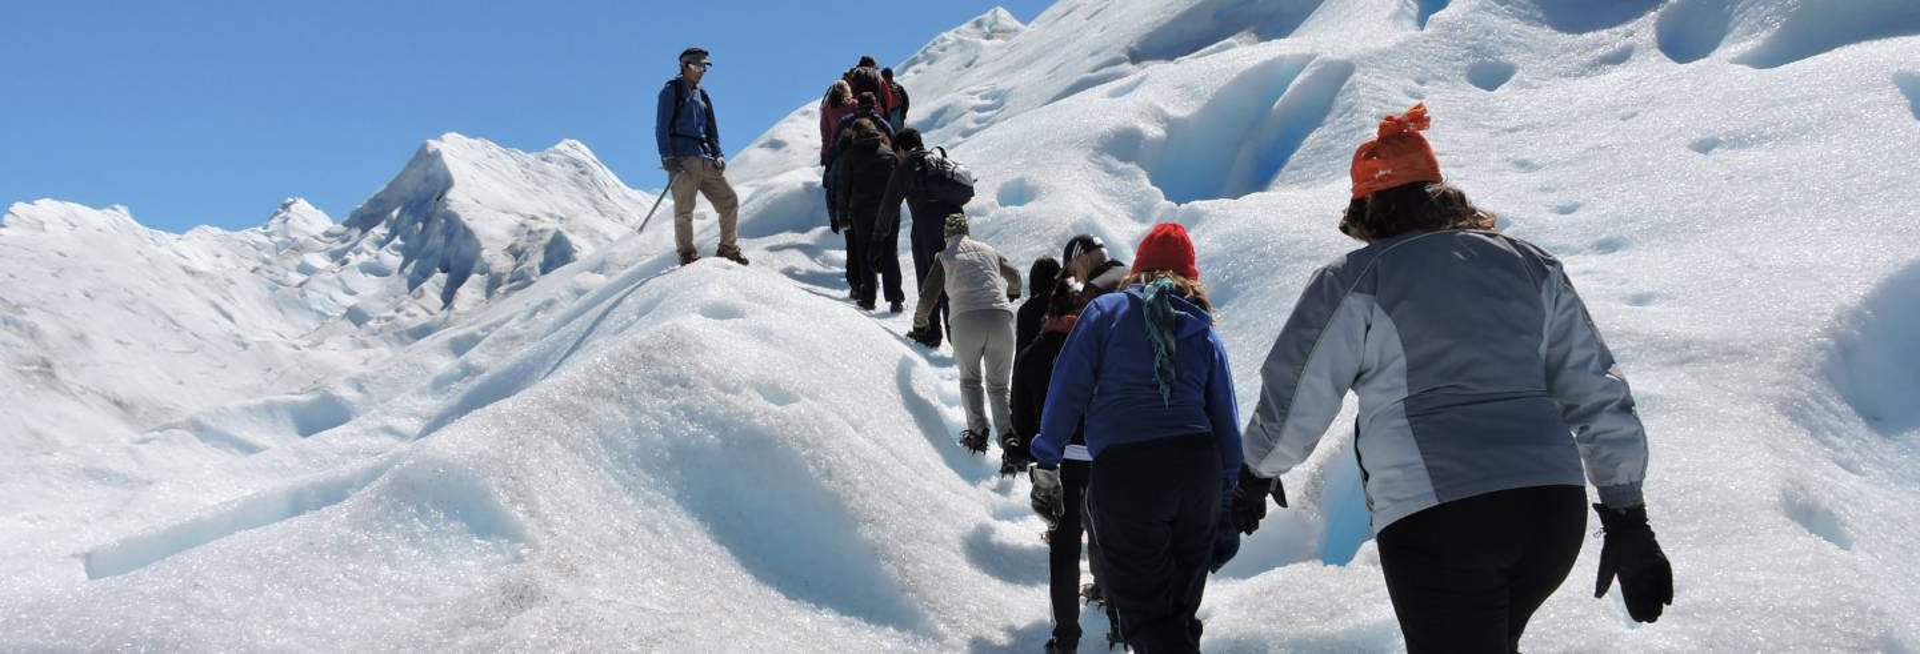 Trekking sul ghiacciaio Perito Moreno